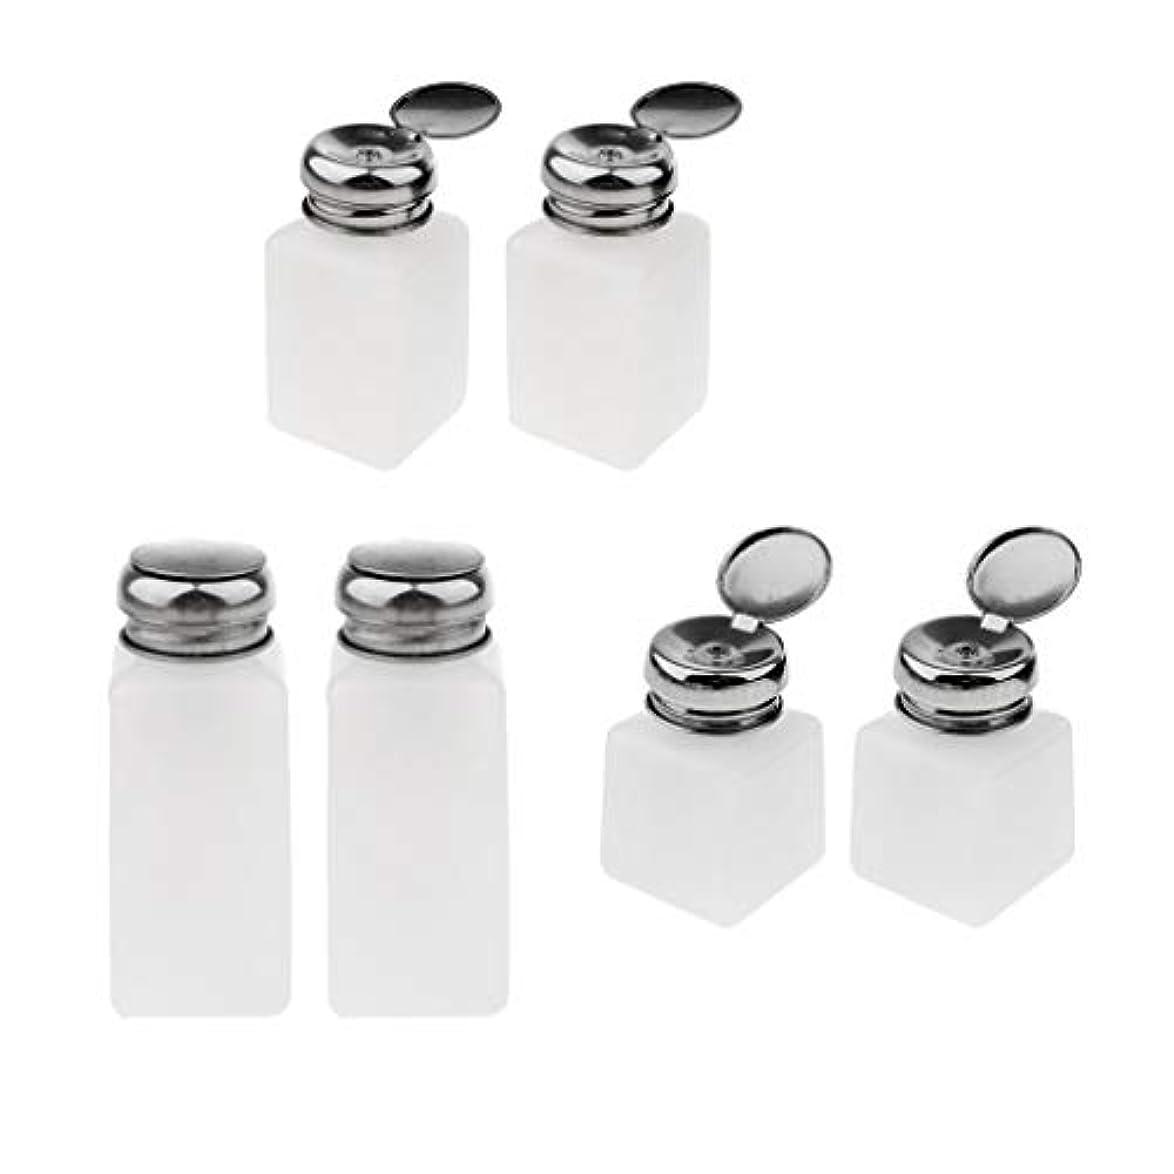 セール短命非常に怒っています6個 ネイルポリッシュリムーバー ポンプディスペンサー プレスボトル 空容器